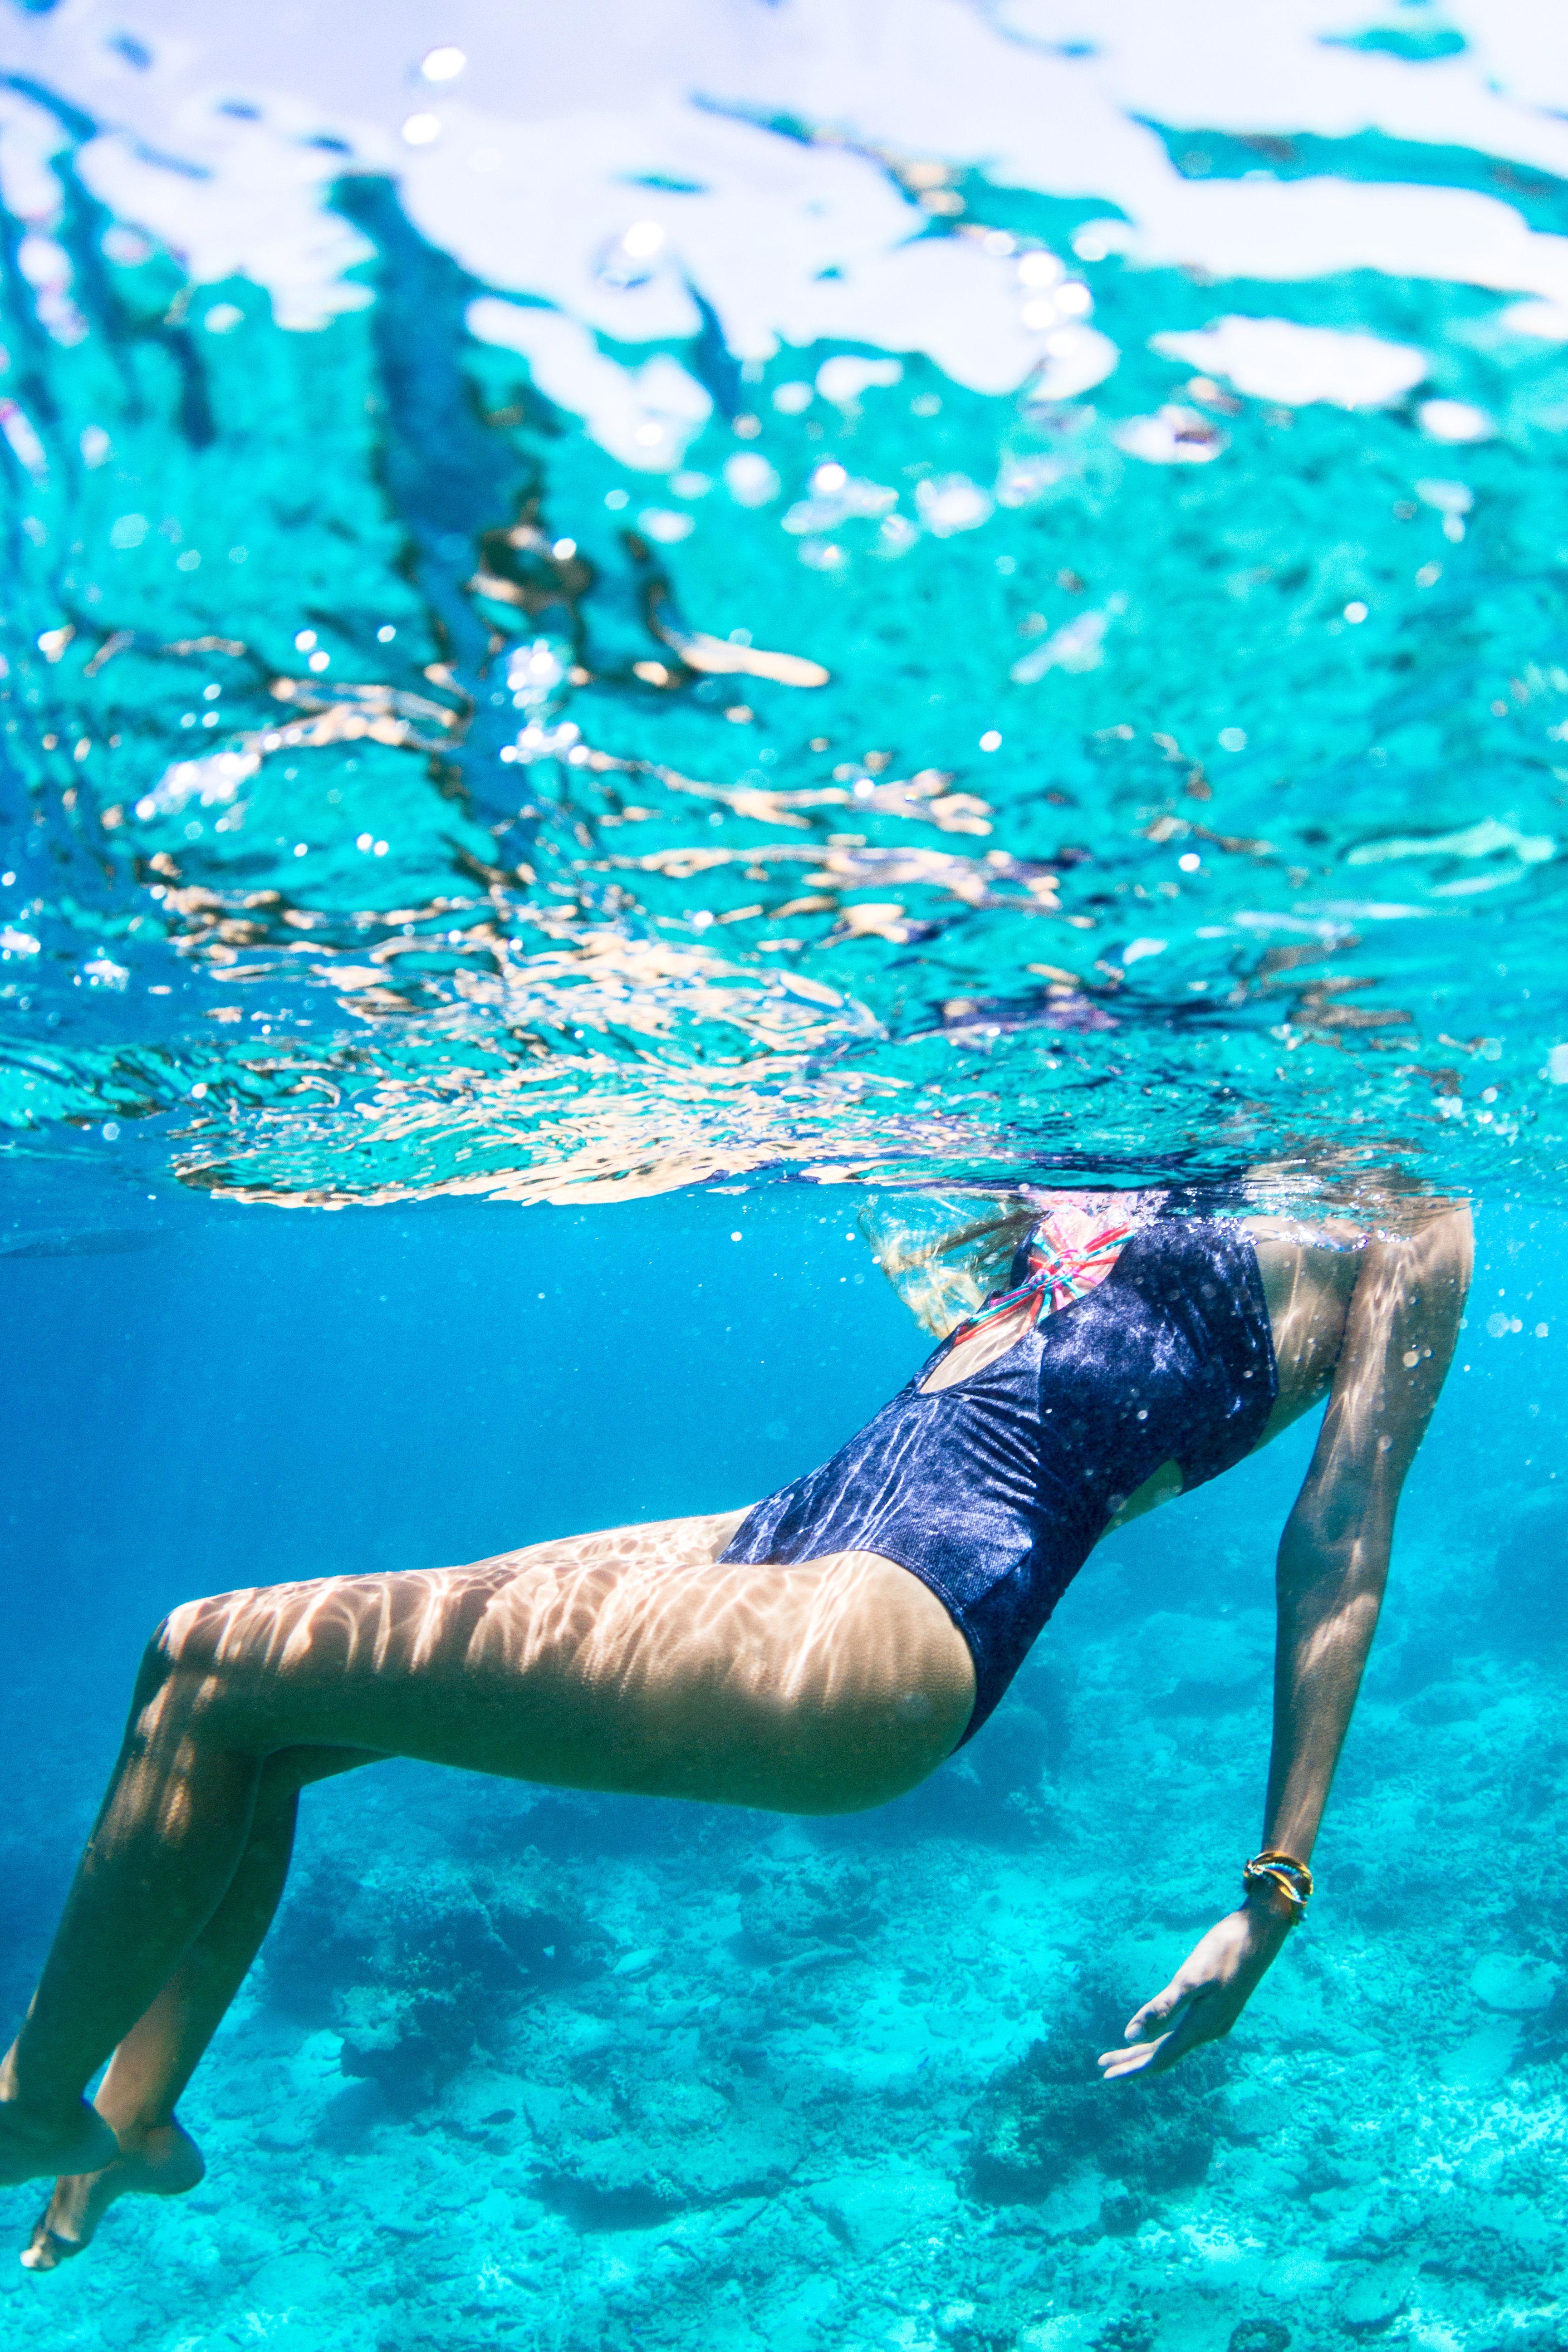 Get lost underwater #LovingLost